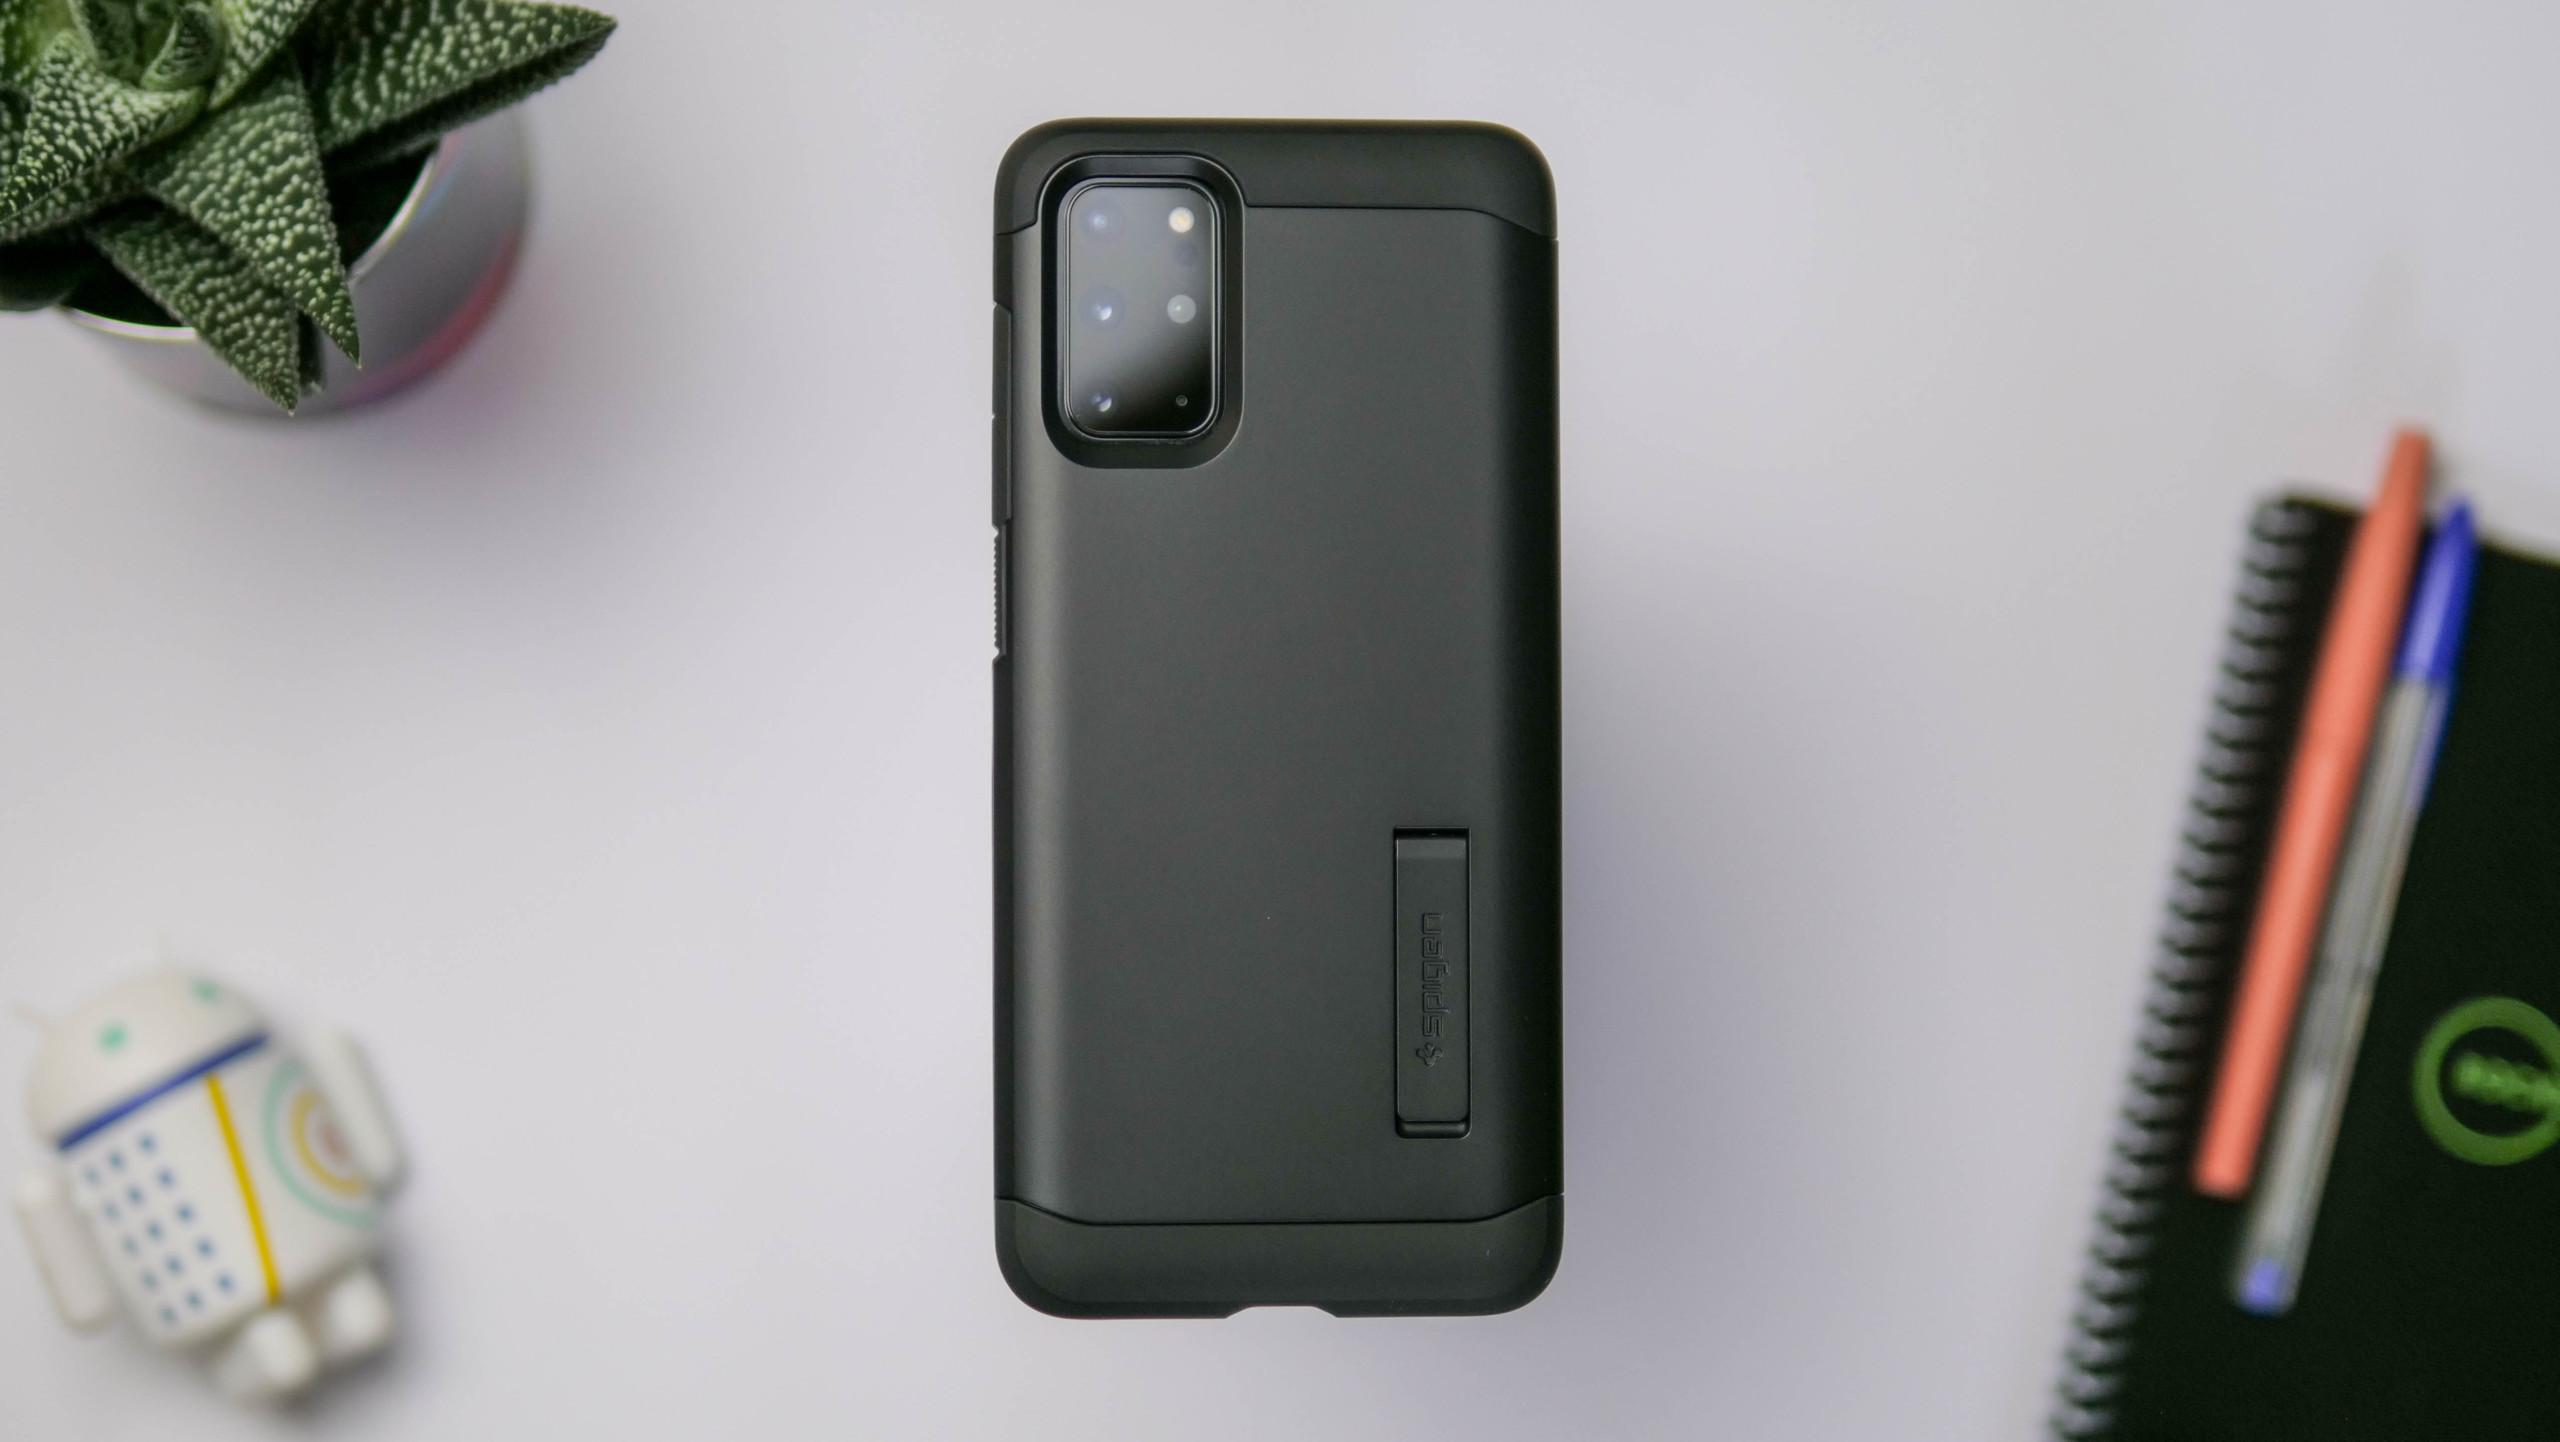 Samsung Galaxy S20 : pourquoi faut-il s'intéresser aux coques Spigen pour protéger votre (futur) smartphone